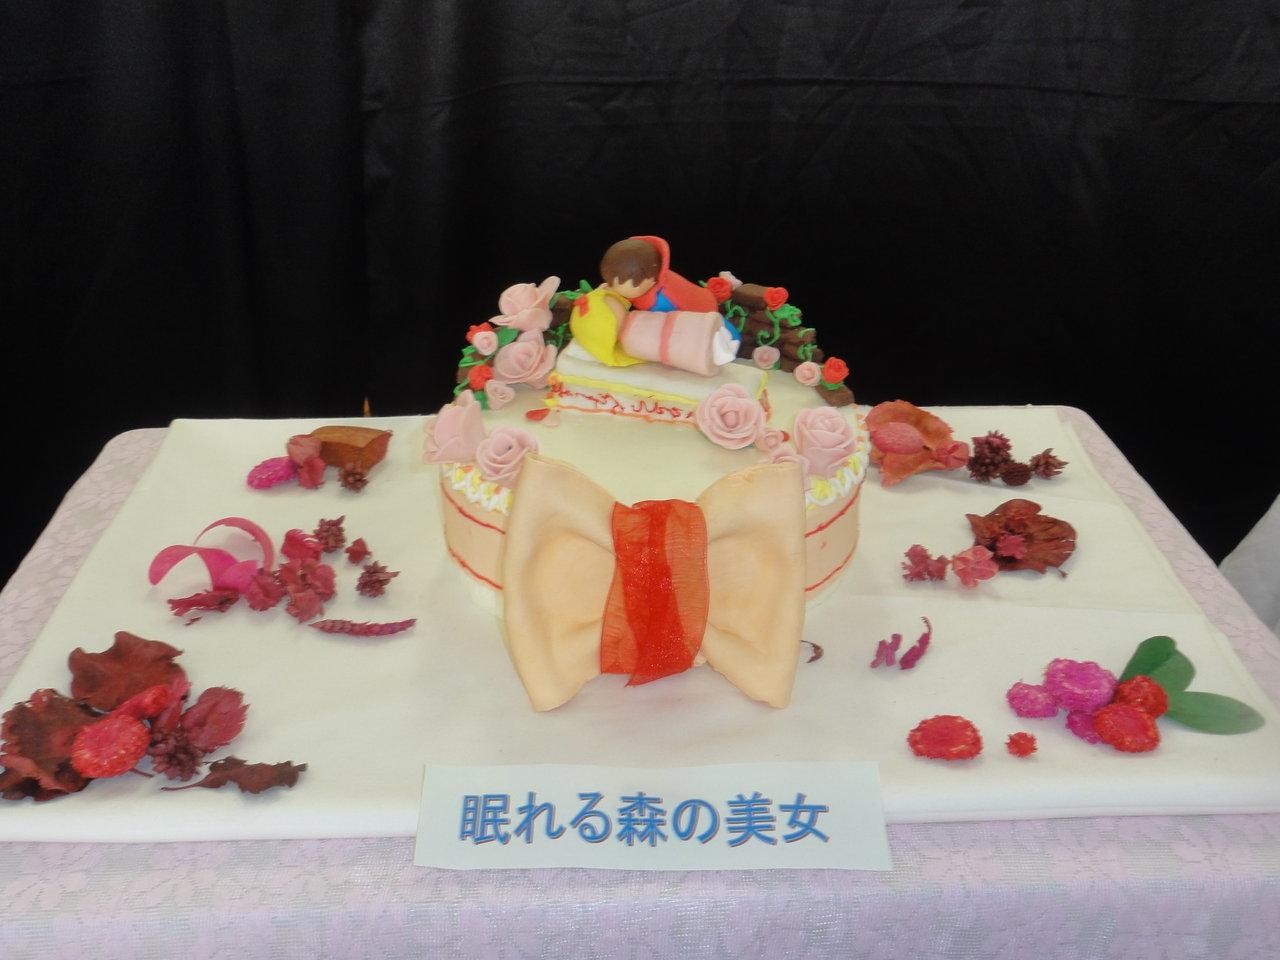 眠れる森の美女[1] 埼玉県立鴻巣女子高等学校2年2組の生徒さまが文化祭で制作されたケーキのご紹